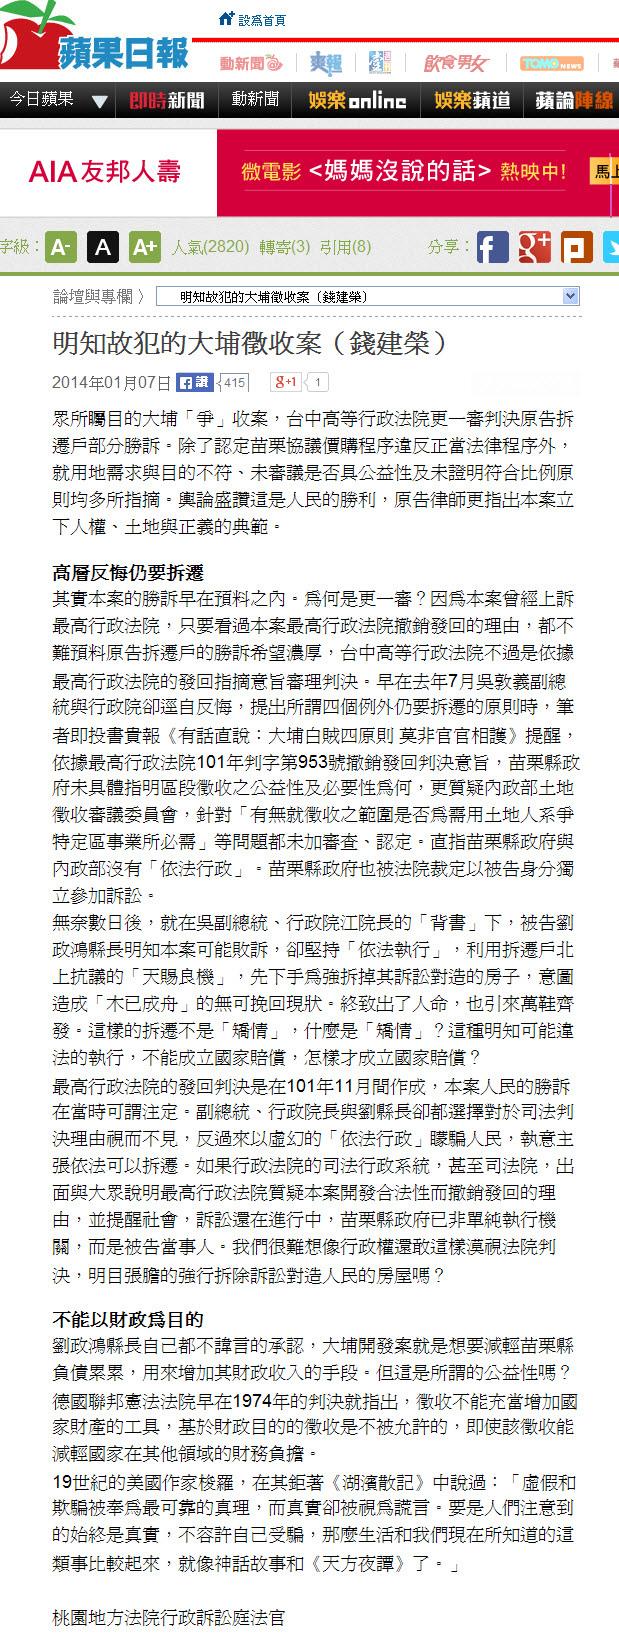 明知故犯的大埔徵收案(錢建榮)-2014.01.07.jpg